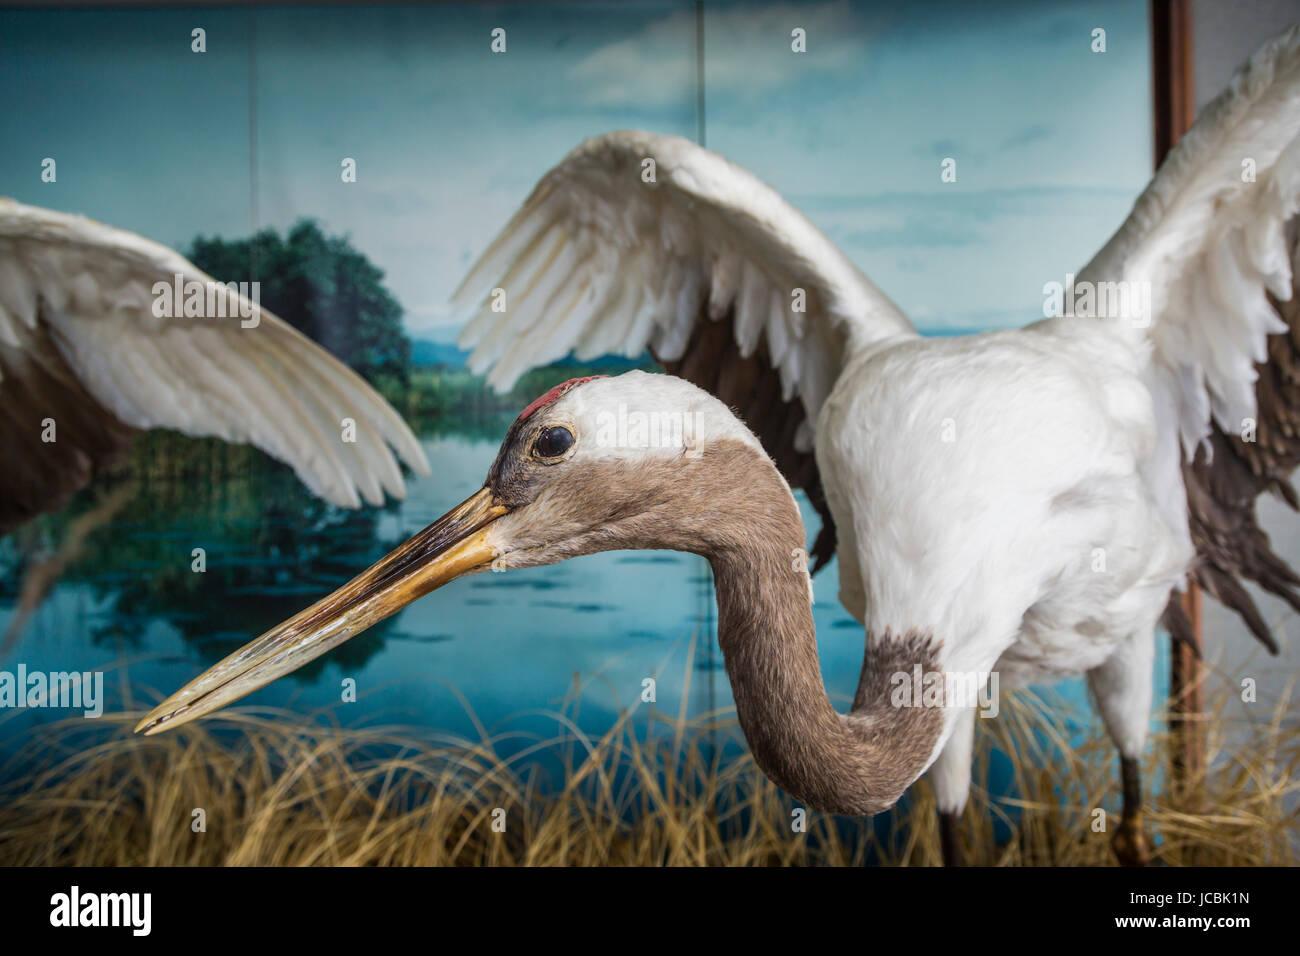 Una grande gru uccello esposti nella città di Kushiro, prefettura di Hokkaido, Giappone.. Immagini Stock